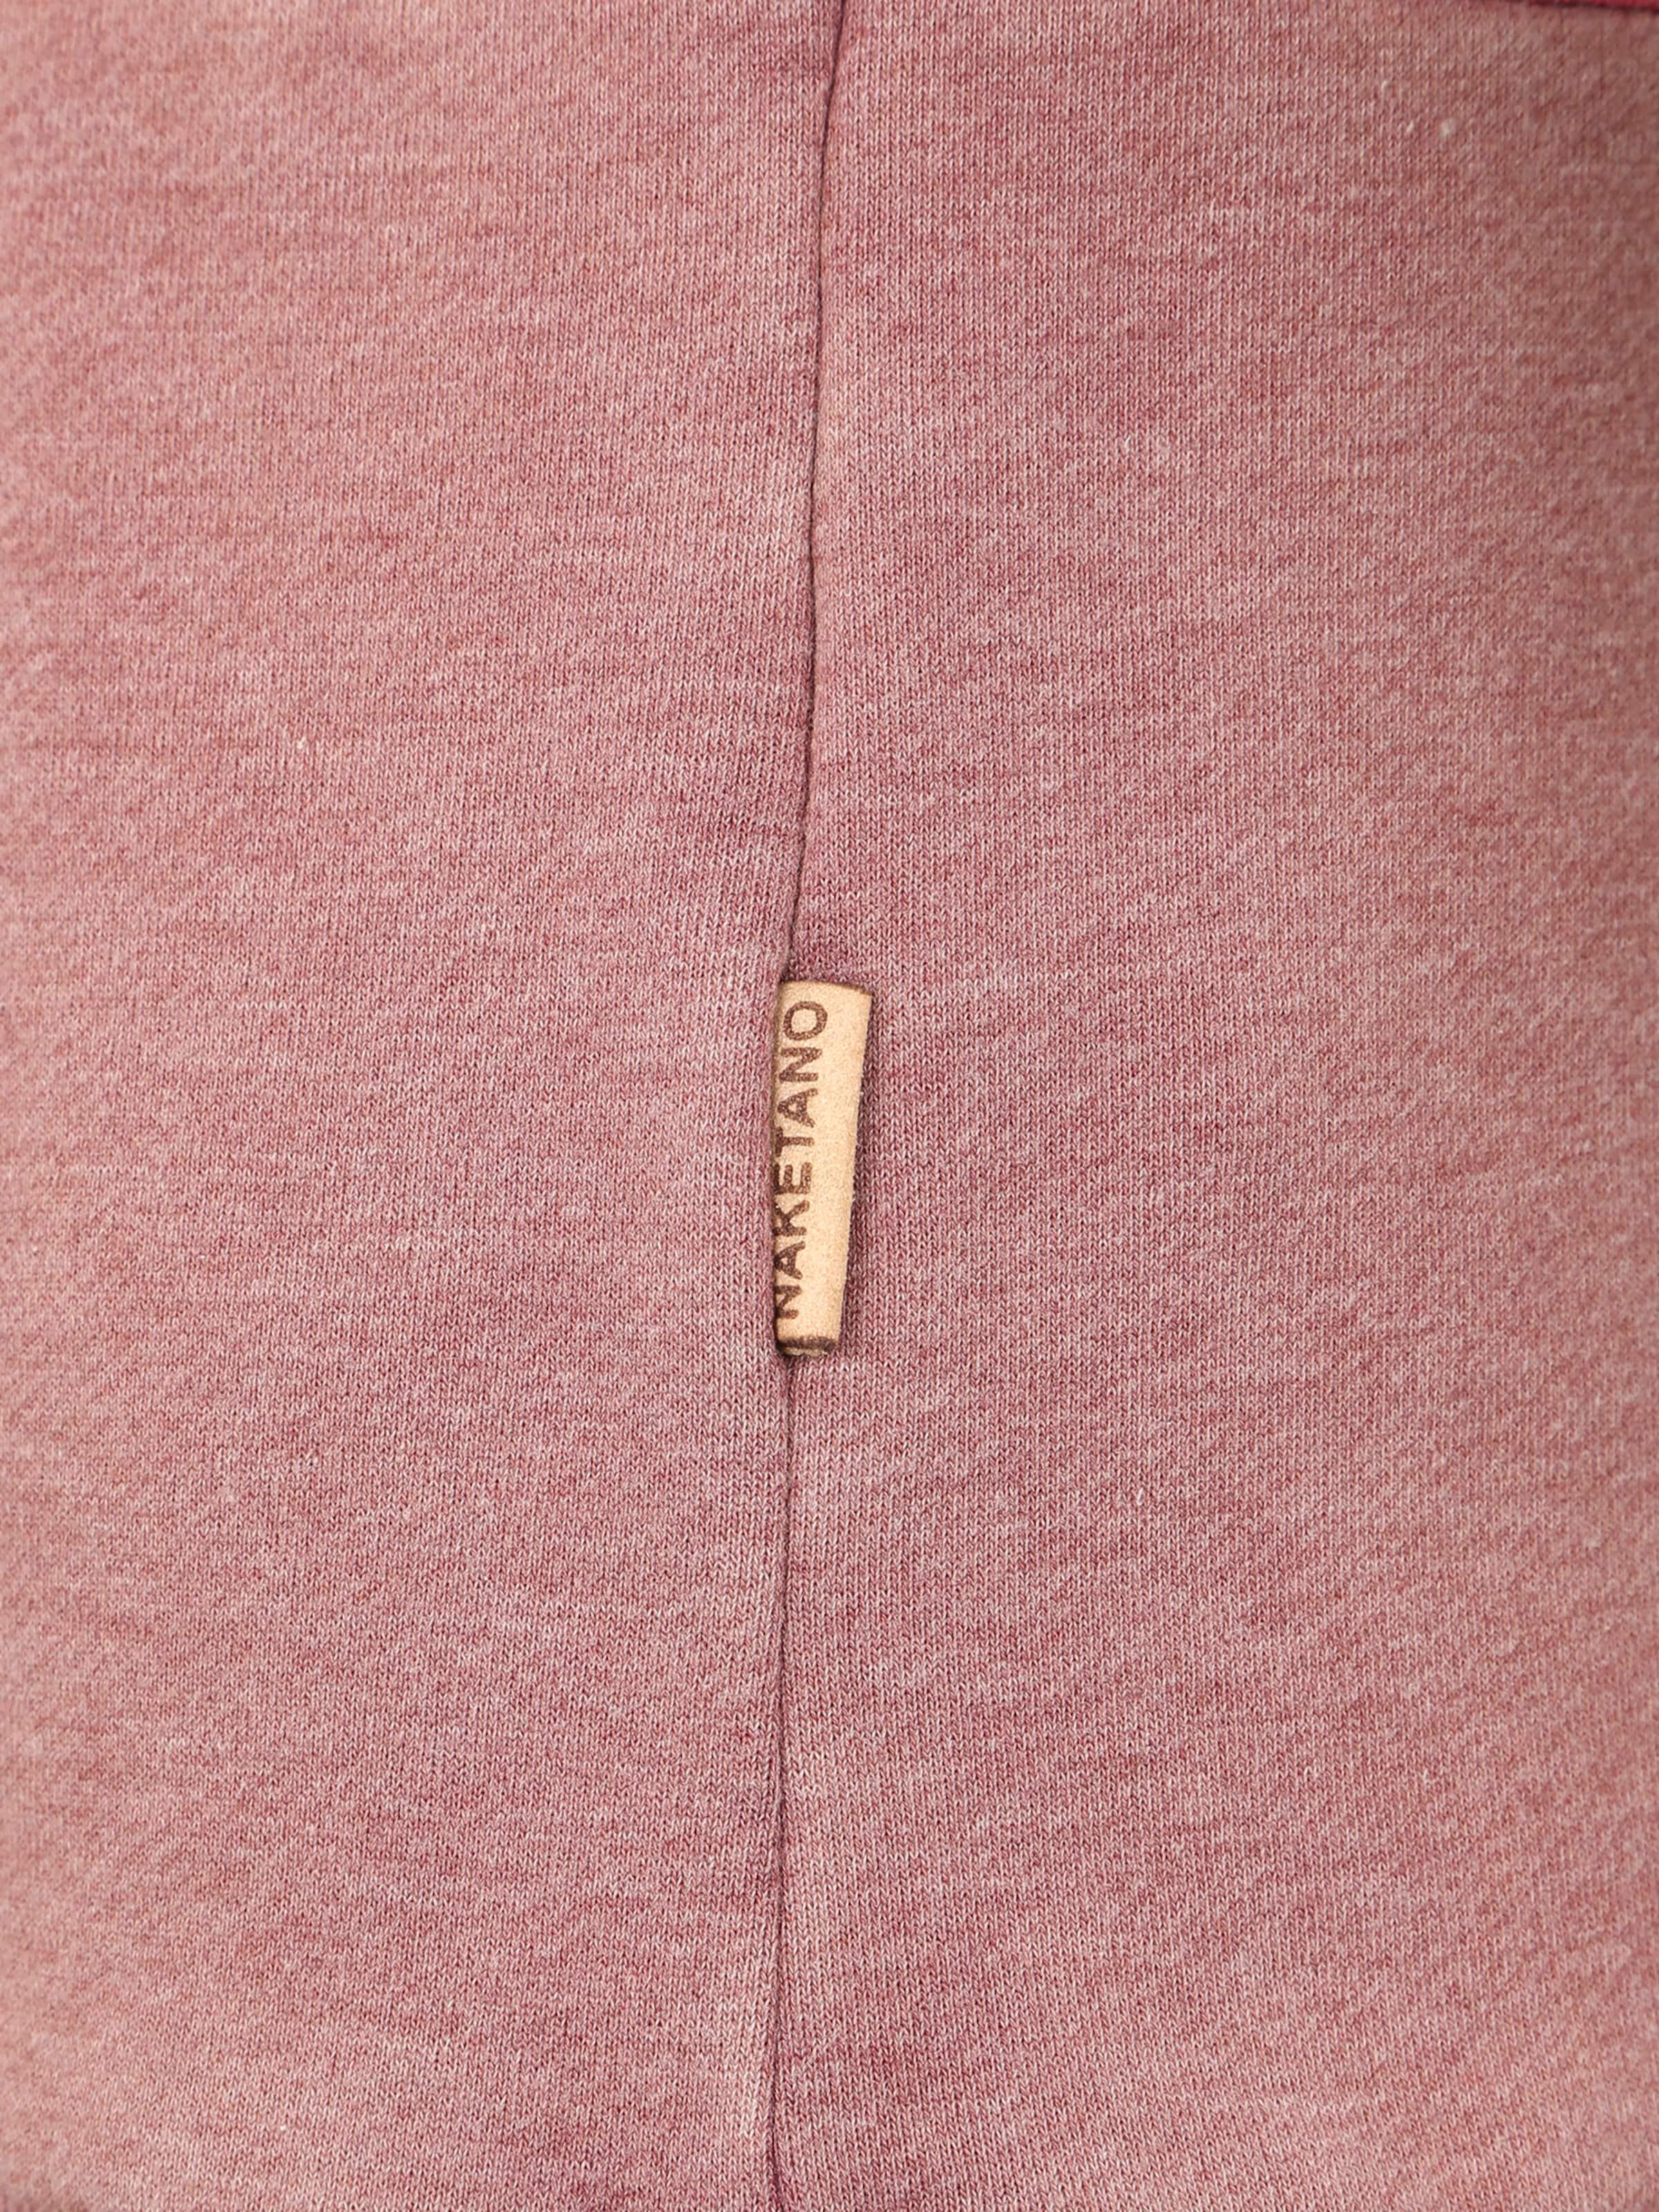 En Sweat Naketano shirt AquaBleu gris Chocolat vNnm0w8